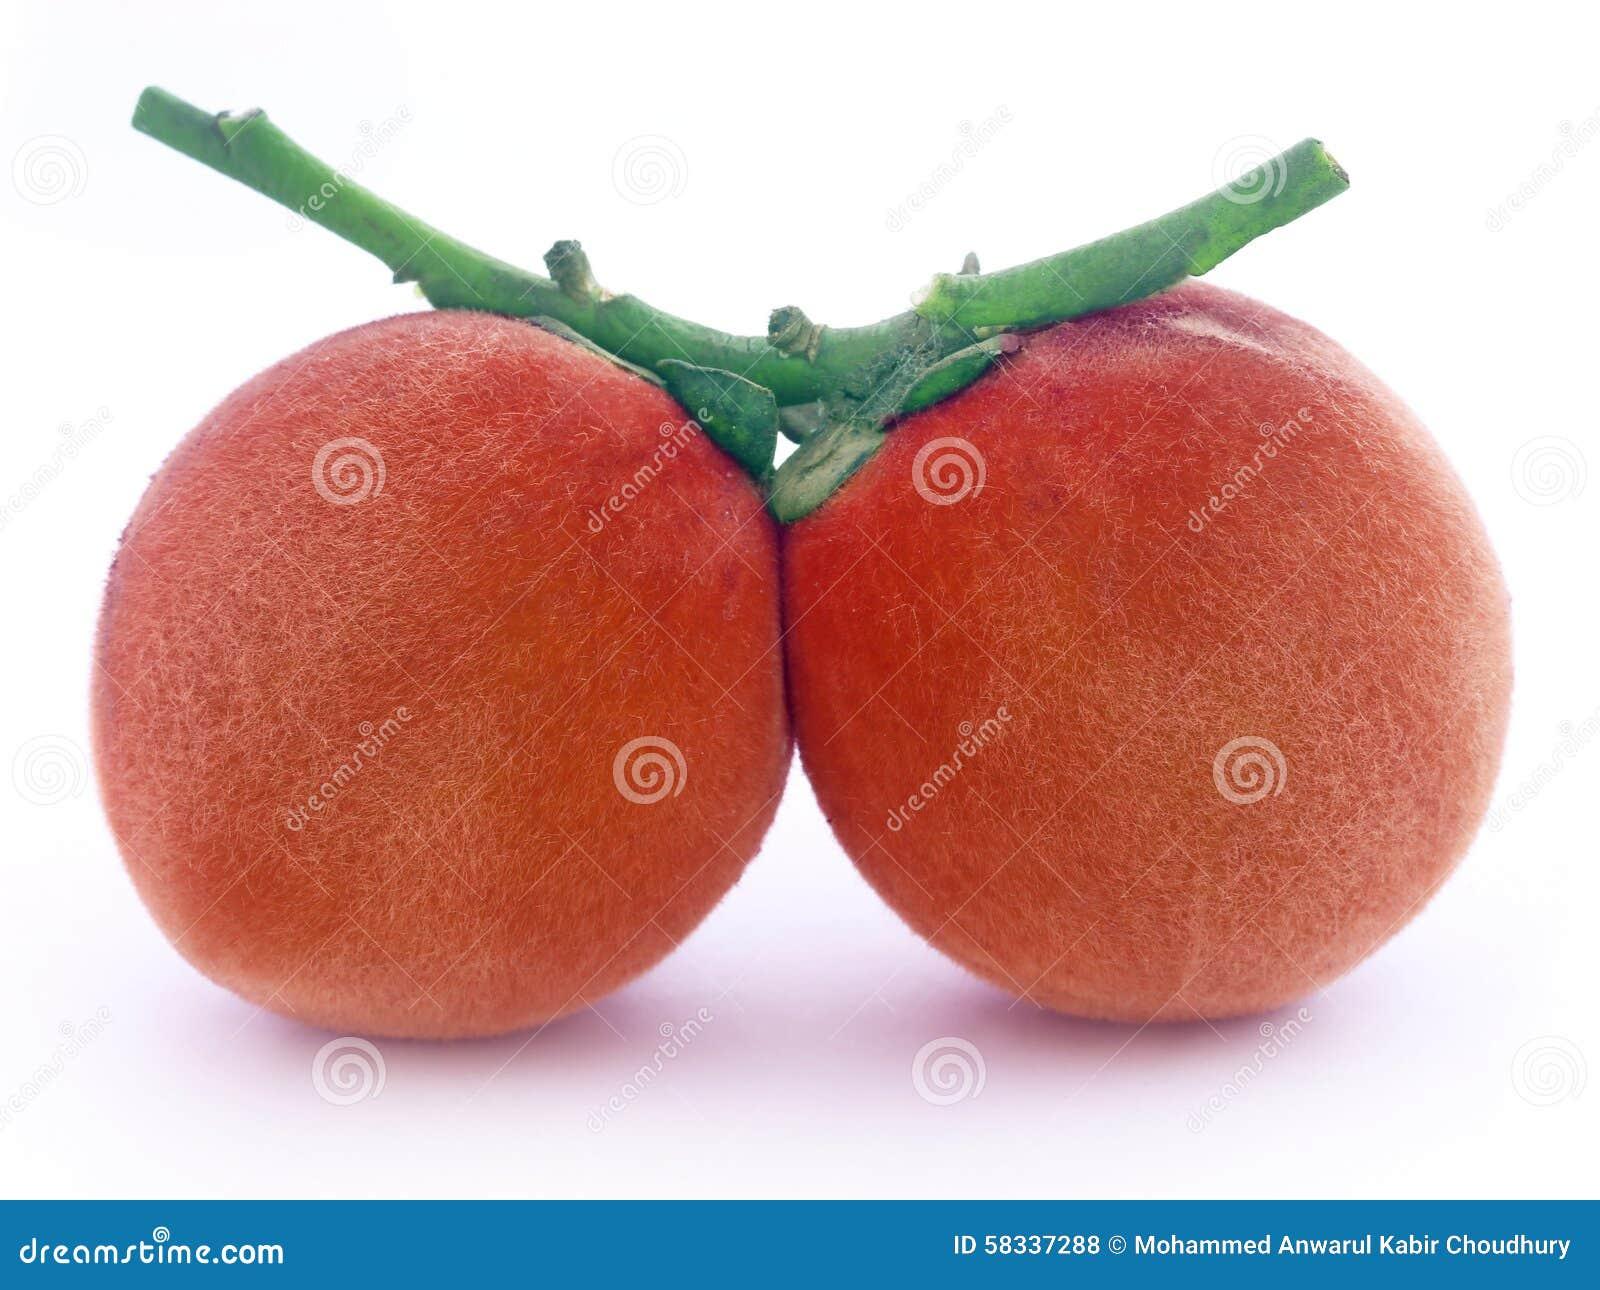 Velvet Apples Stock Photo - Image: 58337288